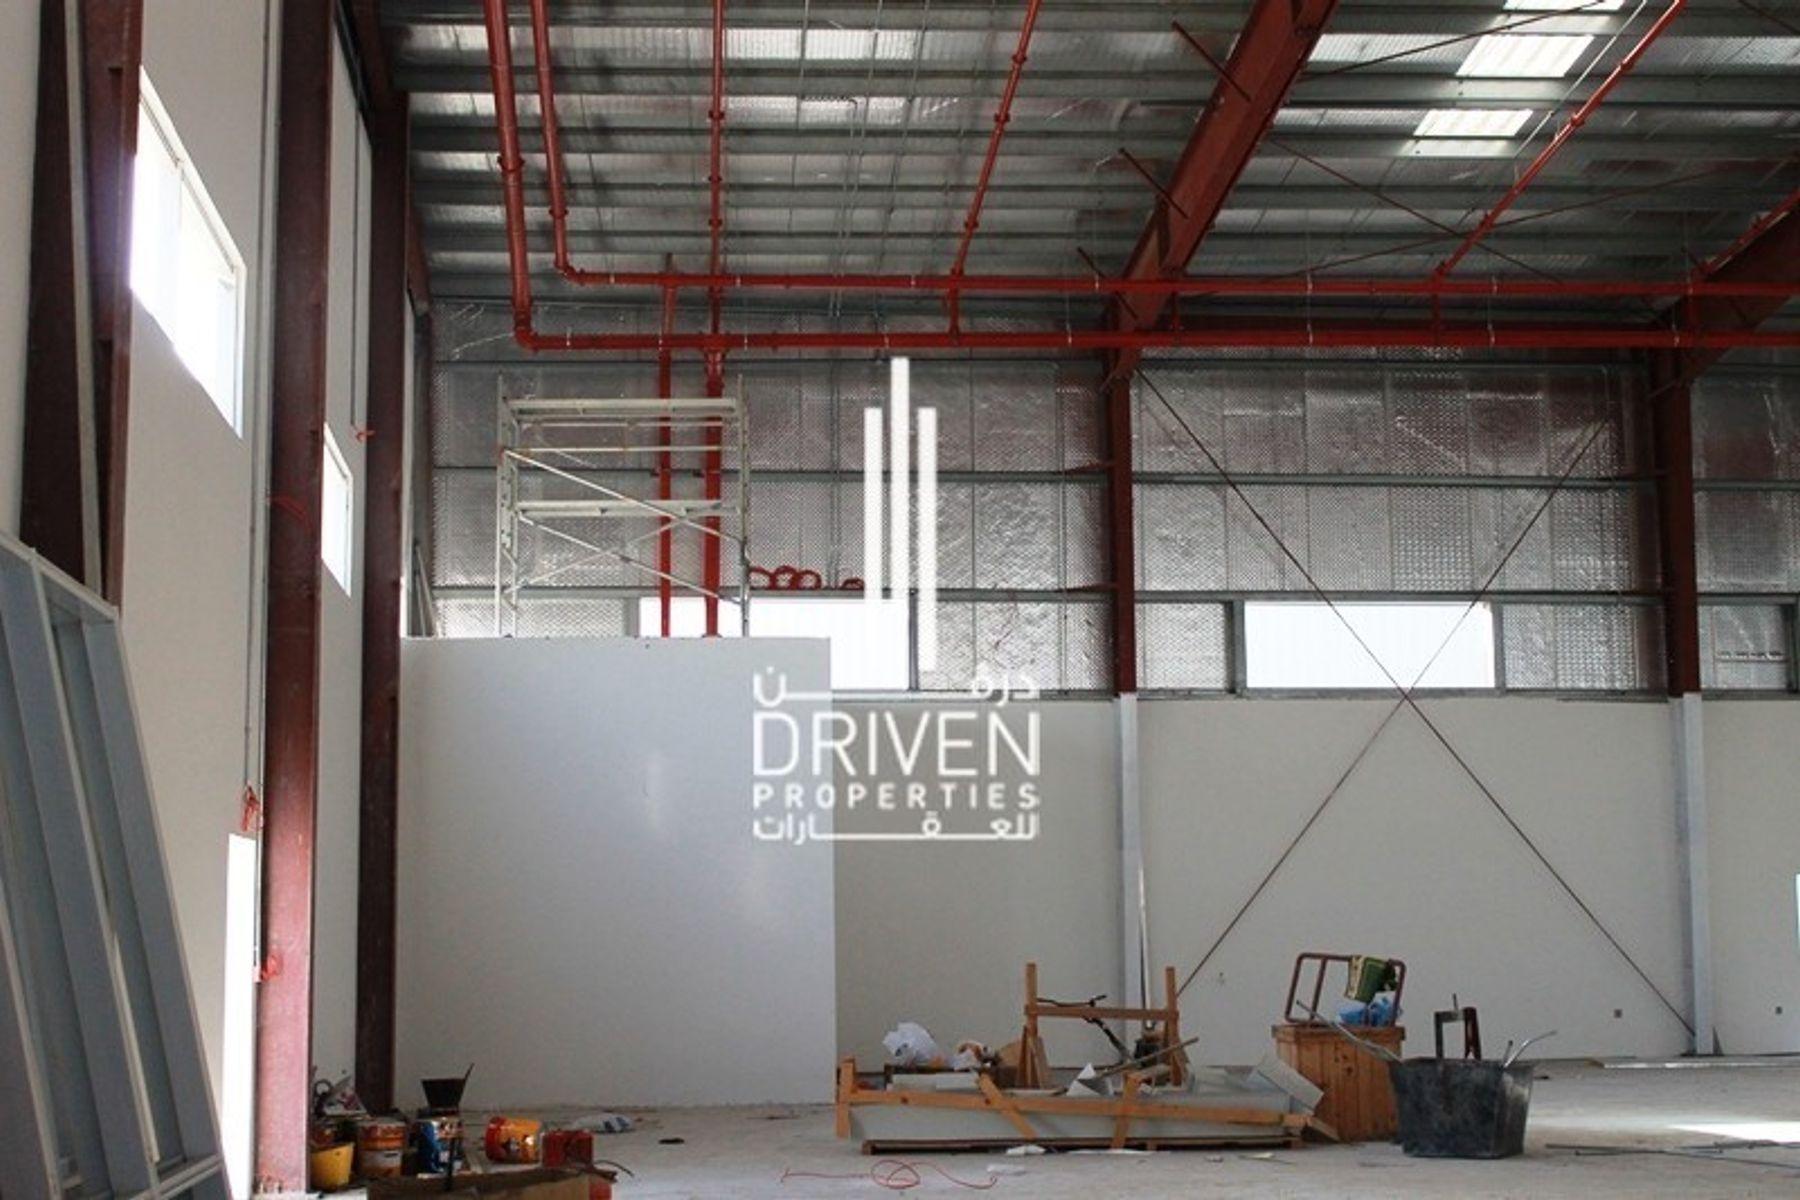 للبيع - مستودع - المرحلة 2 - مجمع دبي للإستثمار